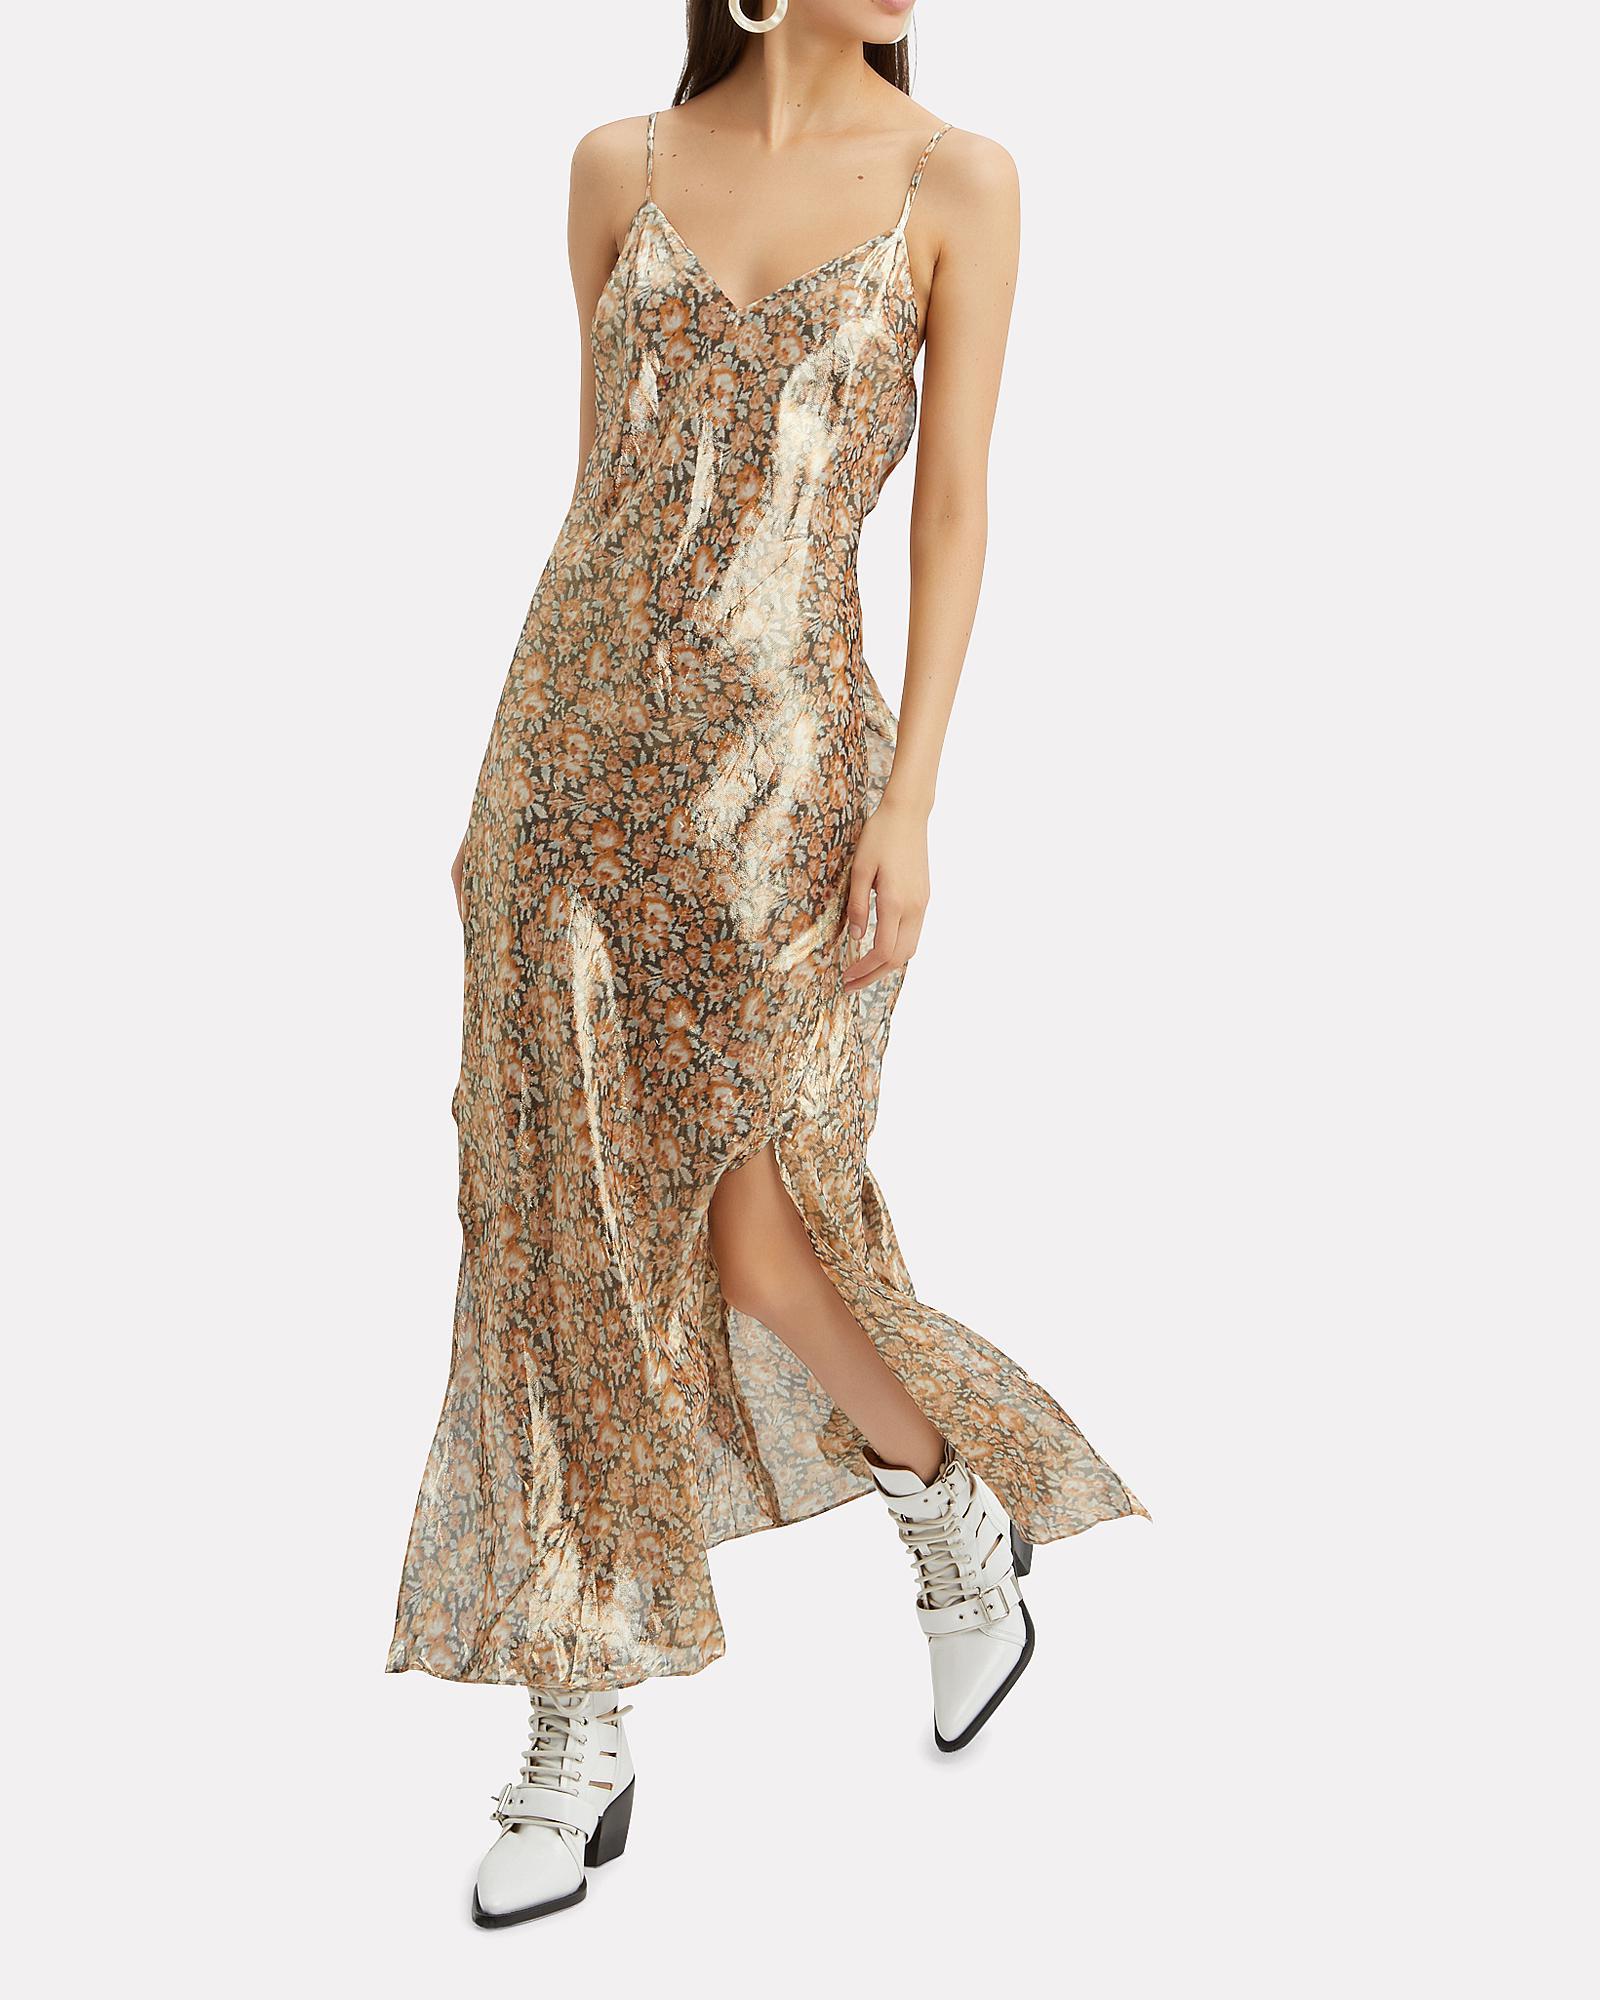 9eb11a64e0c4 LoveShackFancy Kate Ruffle Slip Dress - Lyst